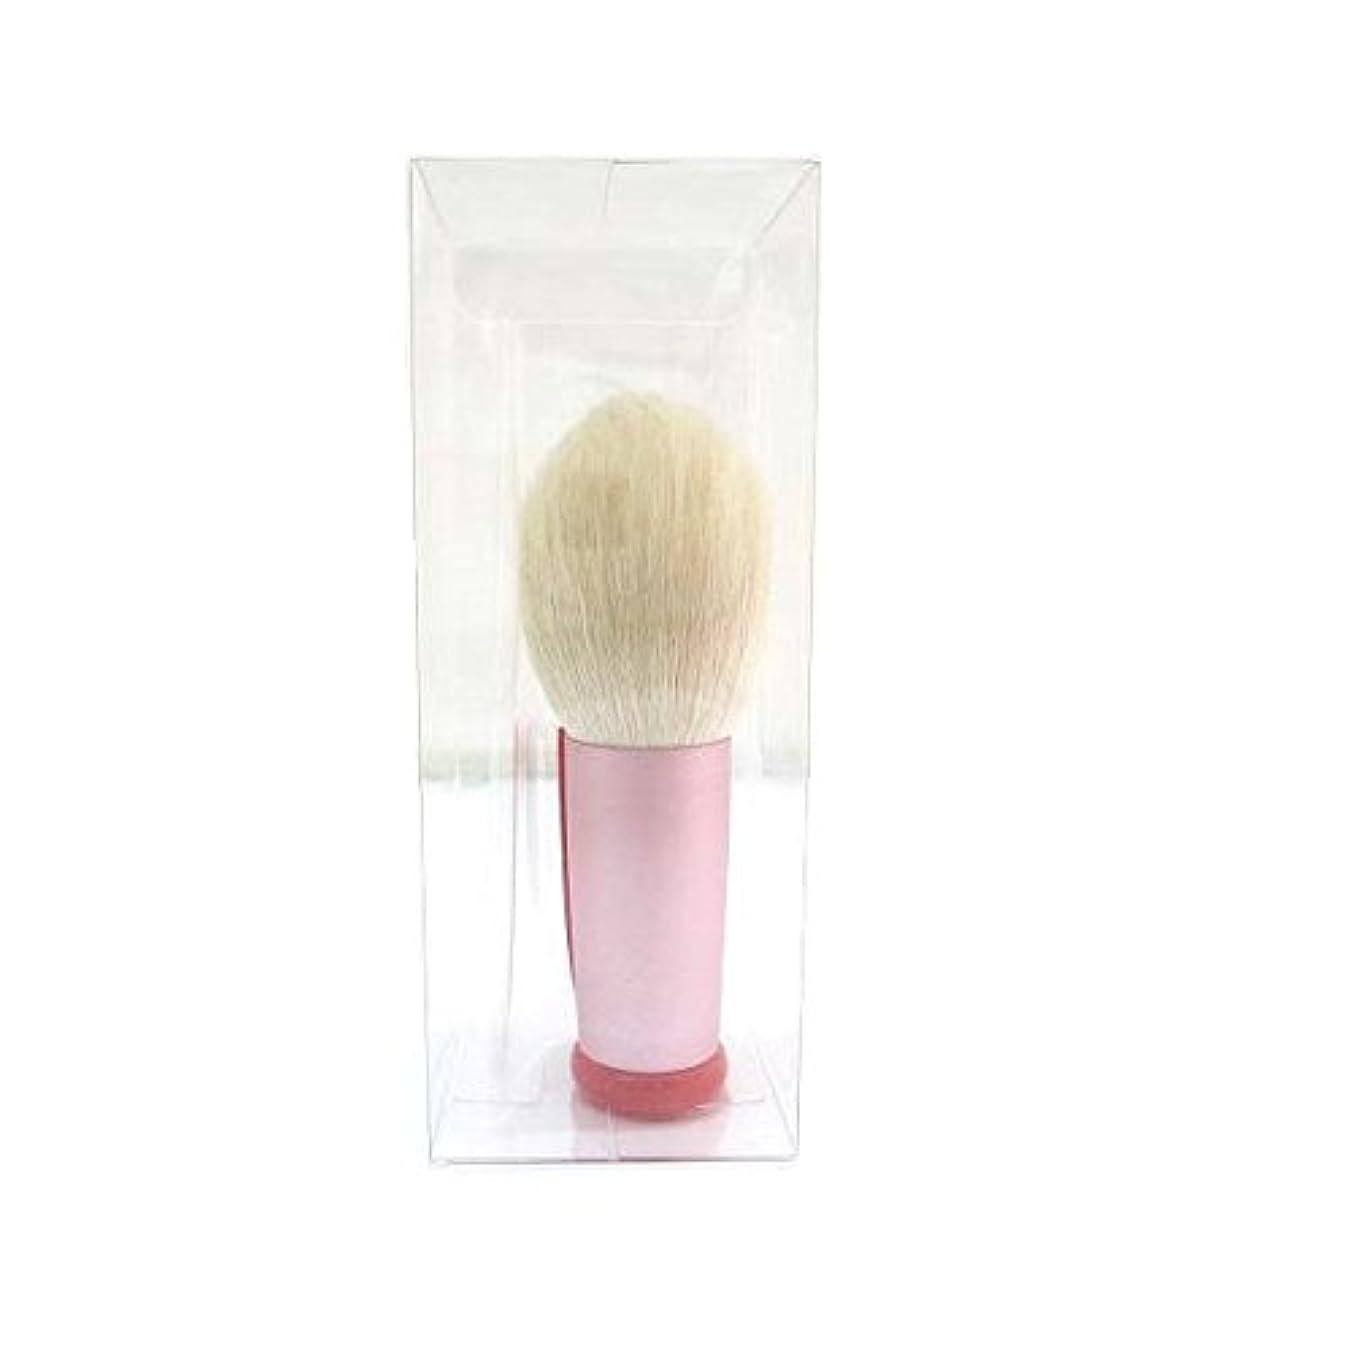 バターチャールズキージング百科事典広島熊野筆 フォーミング洗顔ブラシ(ピンク)